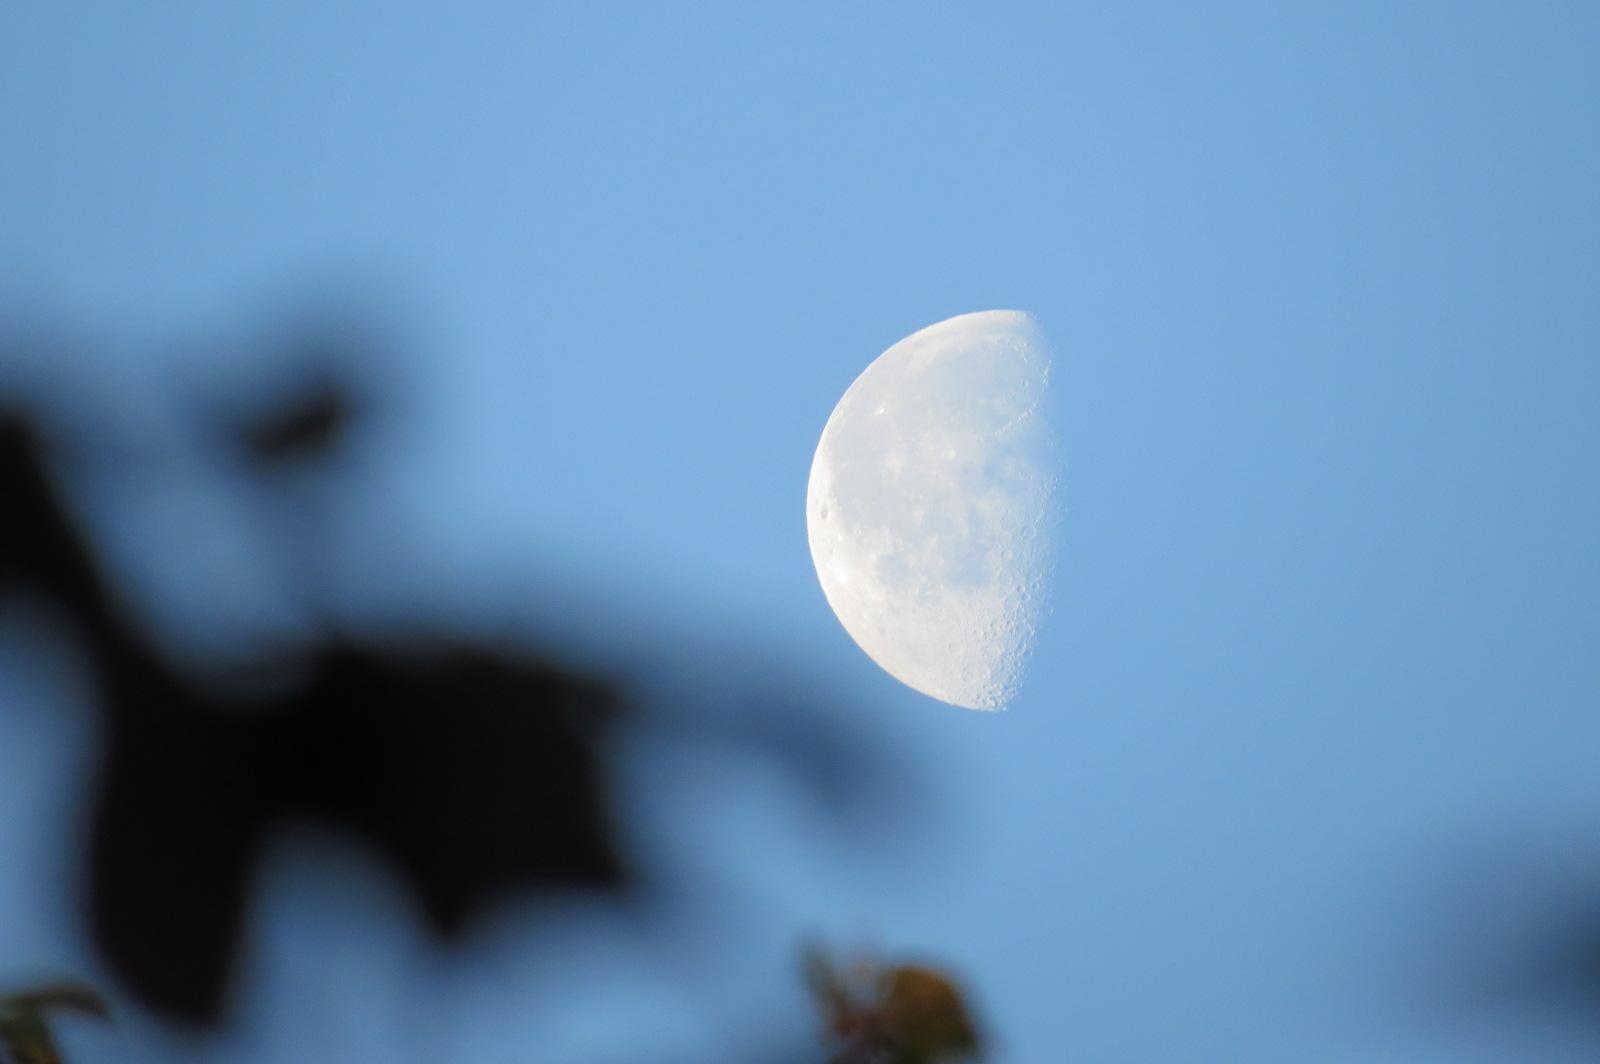 Der Mond über Kefenrod um 6:45 Uhr